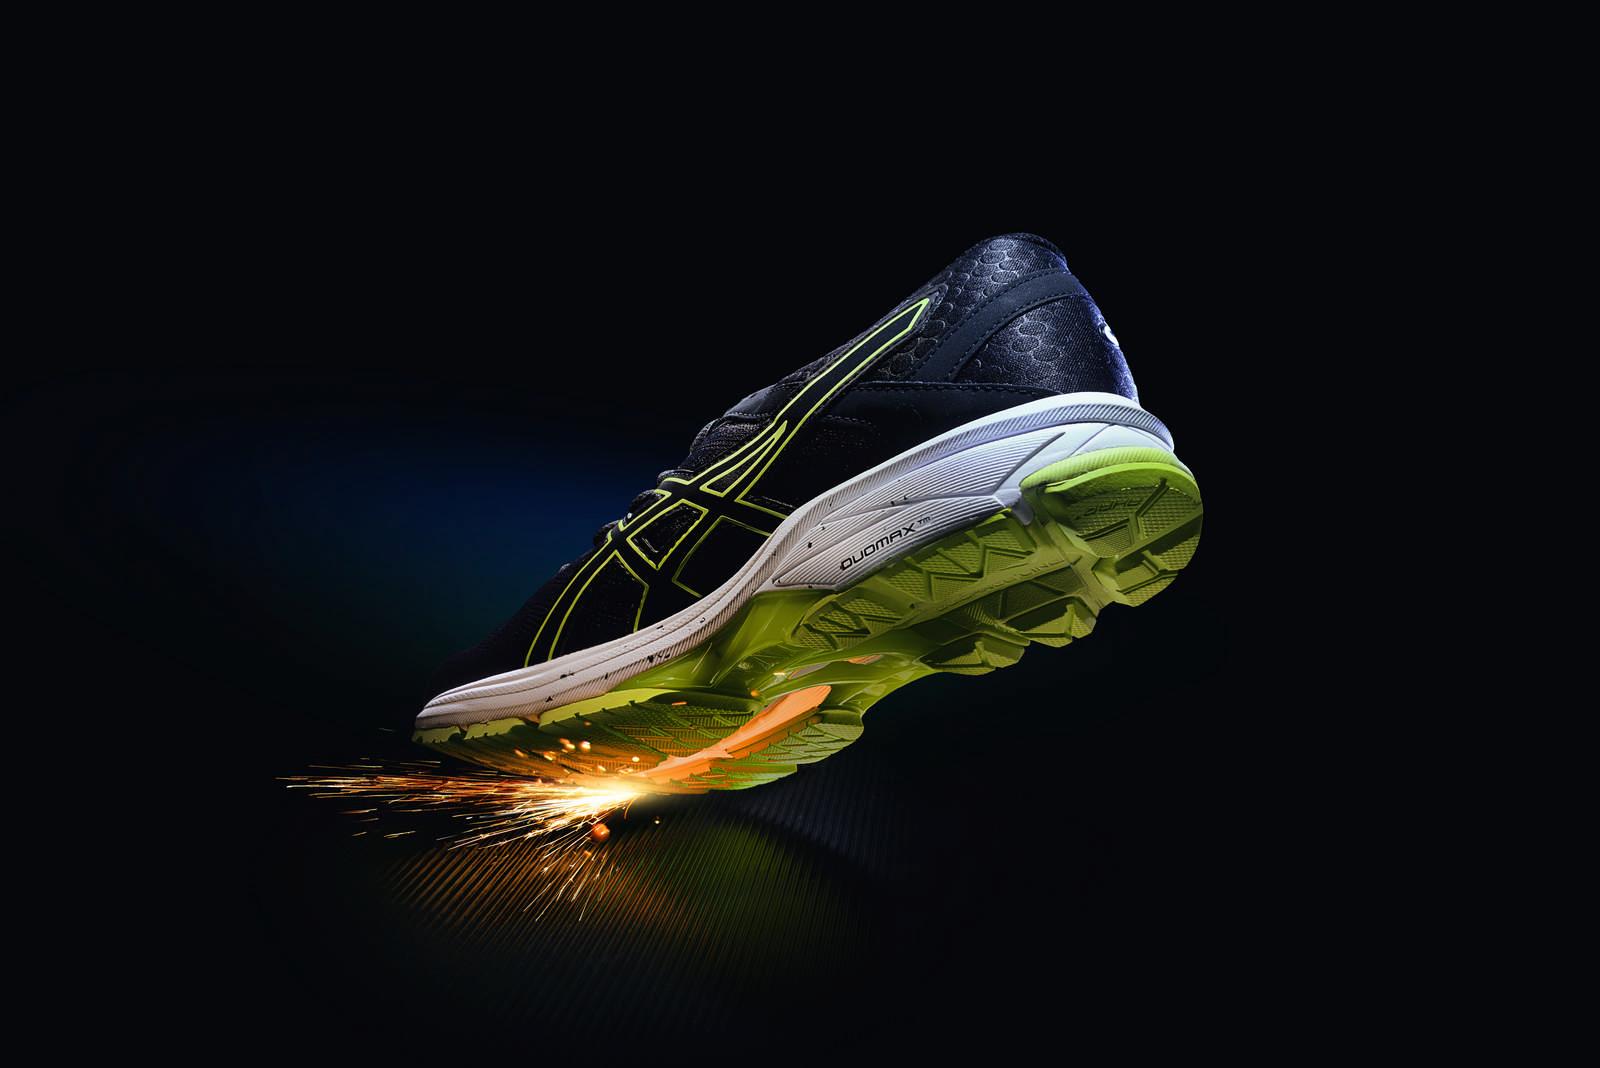 亞瑟士運動鞋商品攝影